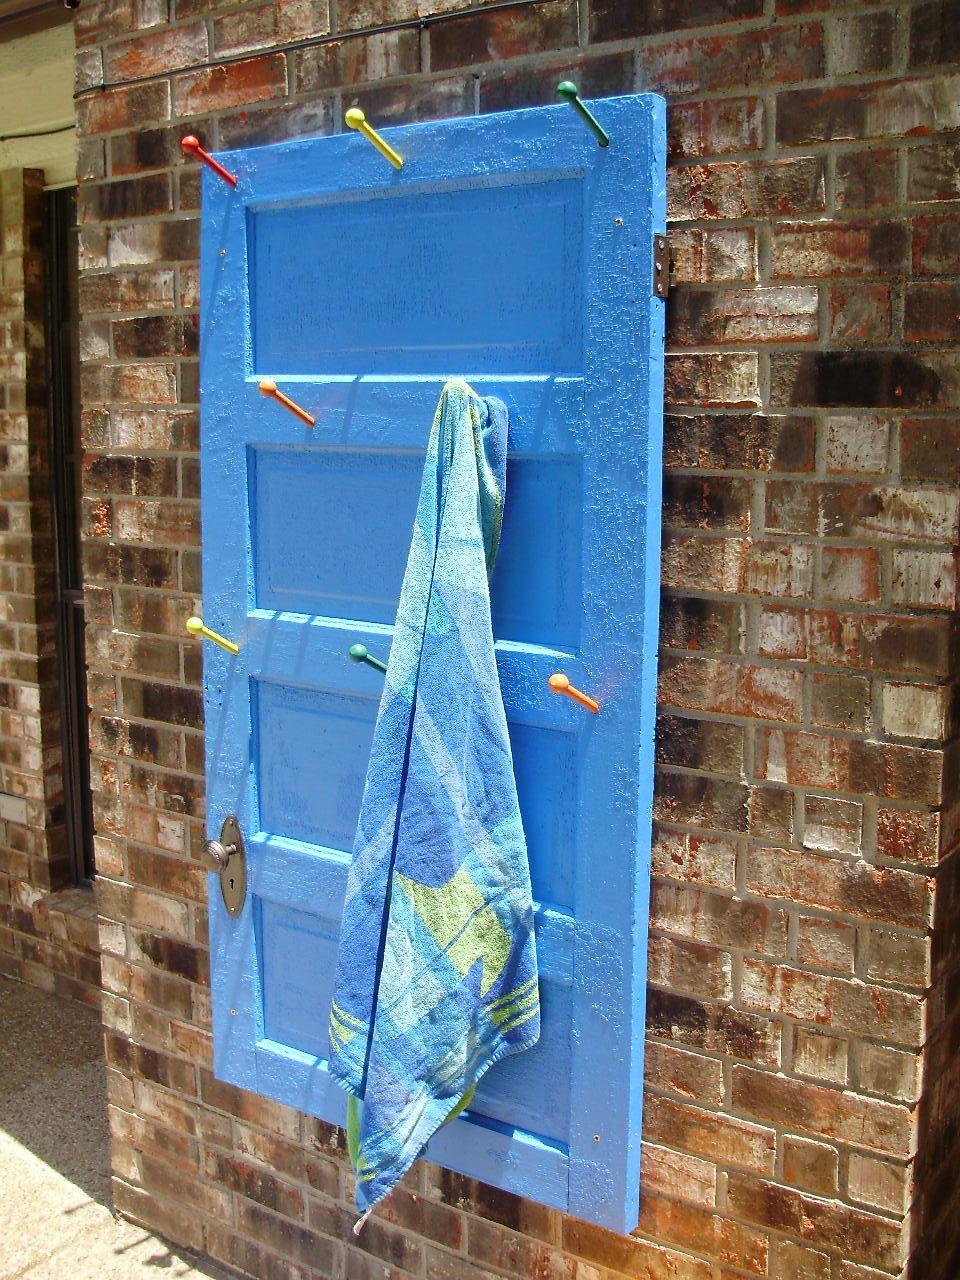 Towel Rack By The Pool Made From An Old Door Pool Towels Towel Rack Pool